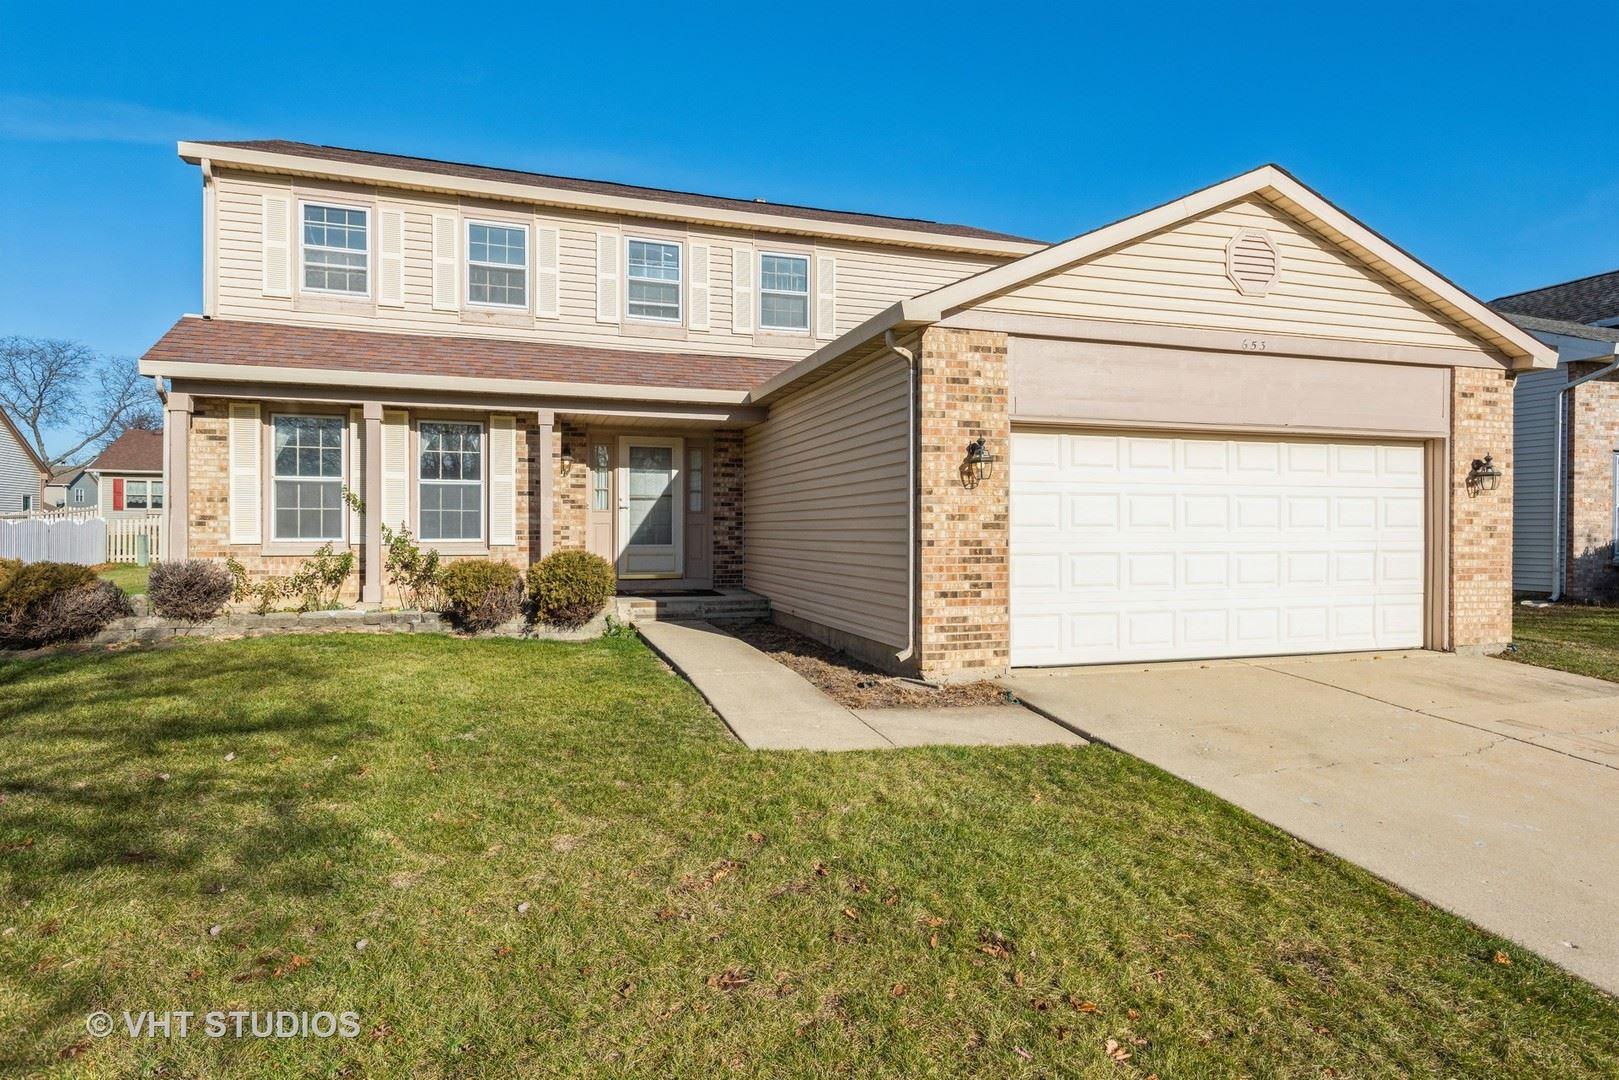 653 Wainsford Drive, Hoffman Estates, IL 60169 - #: 10934176